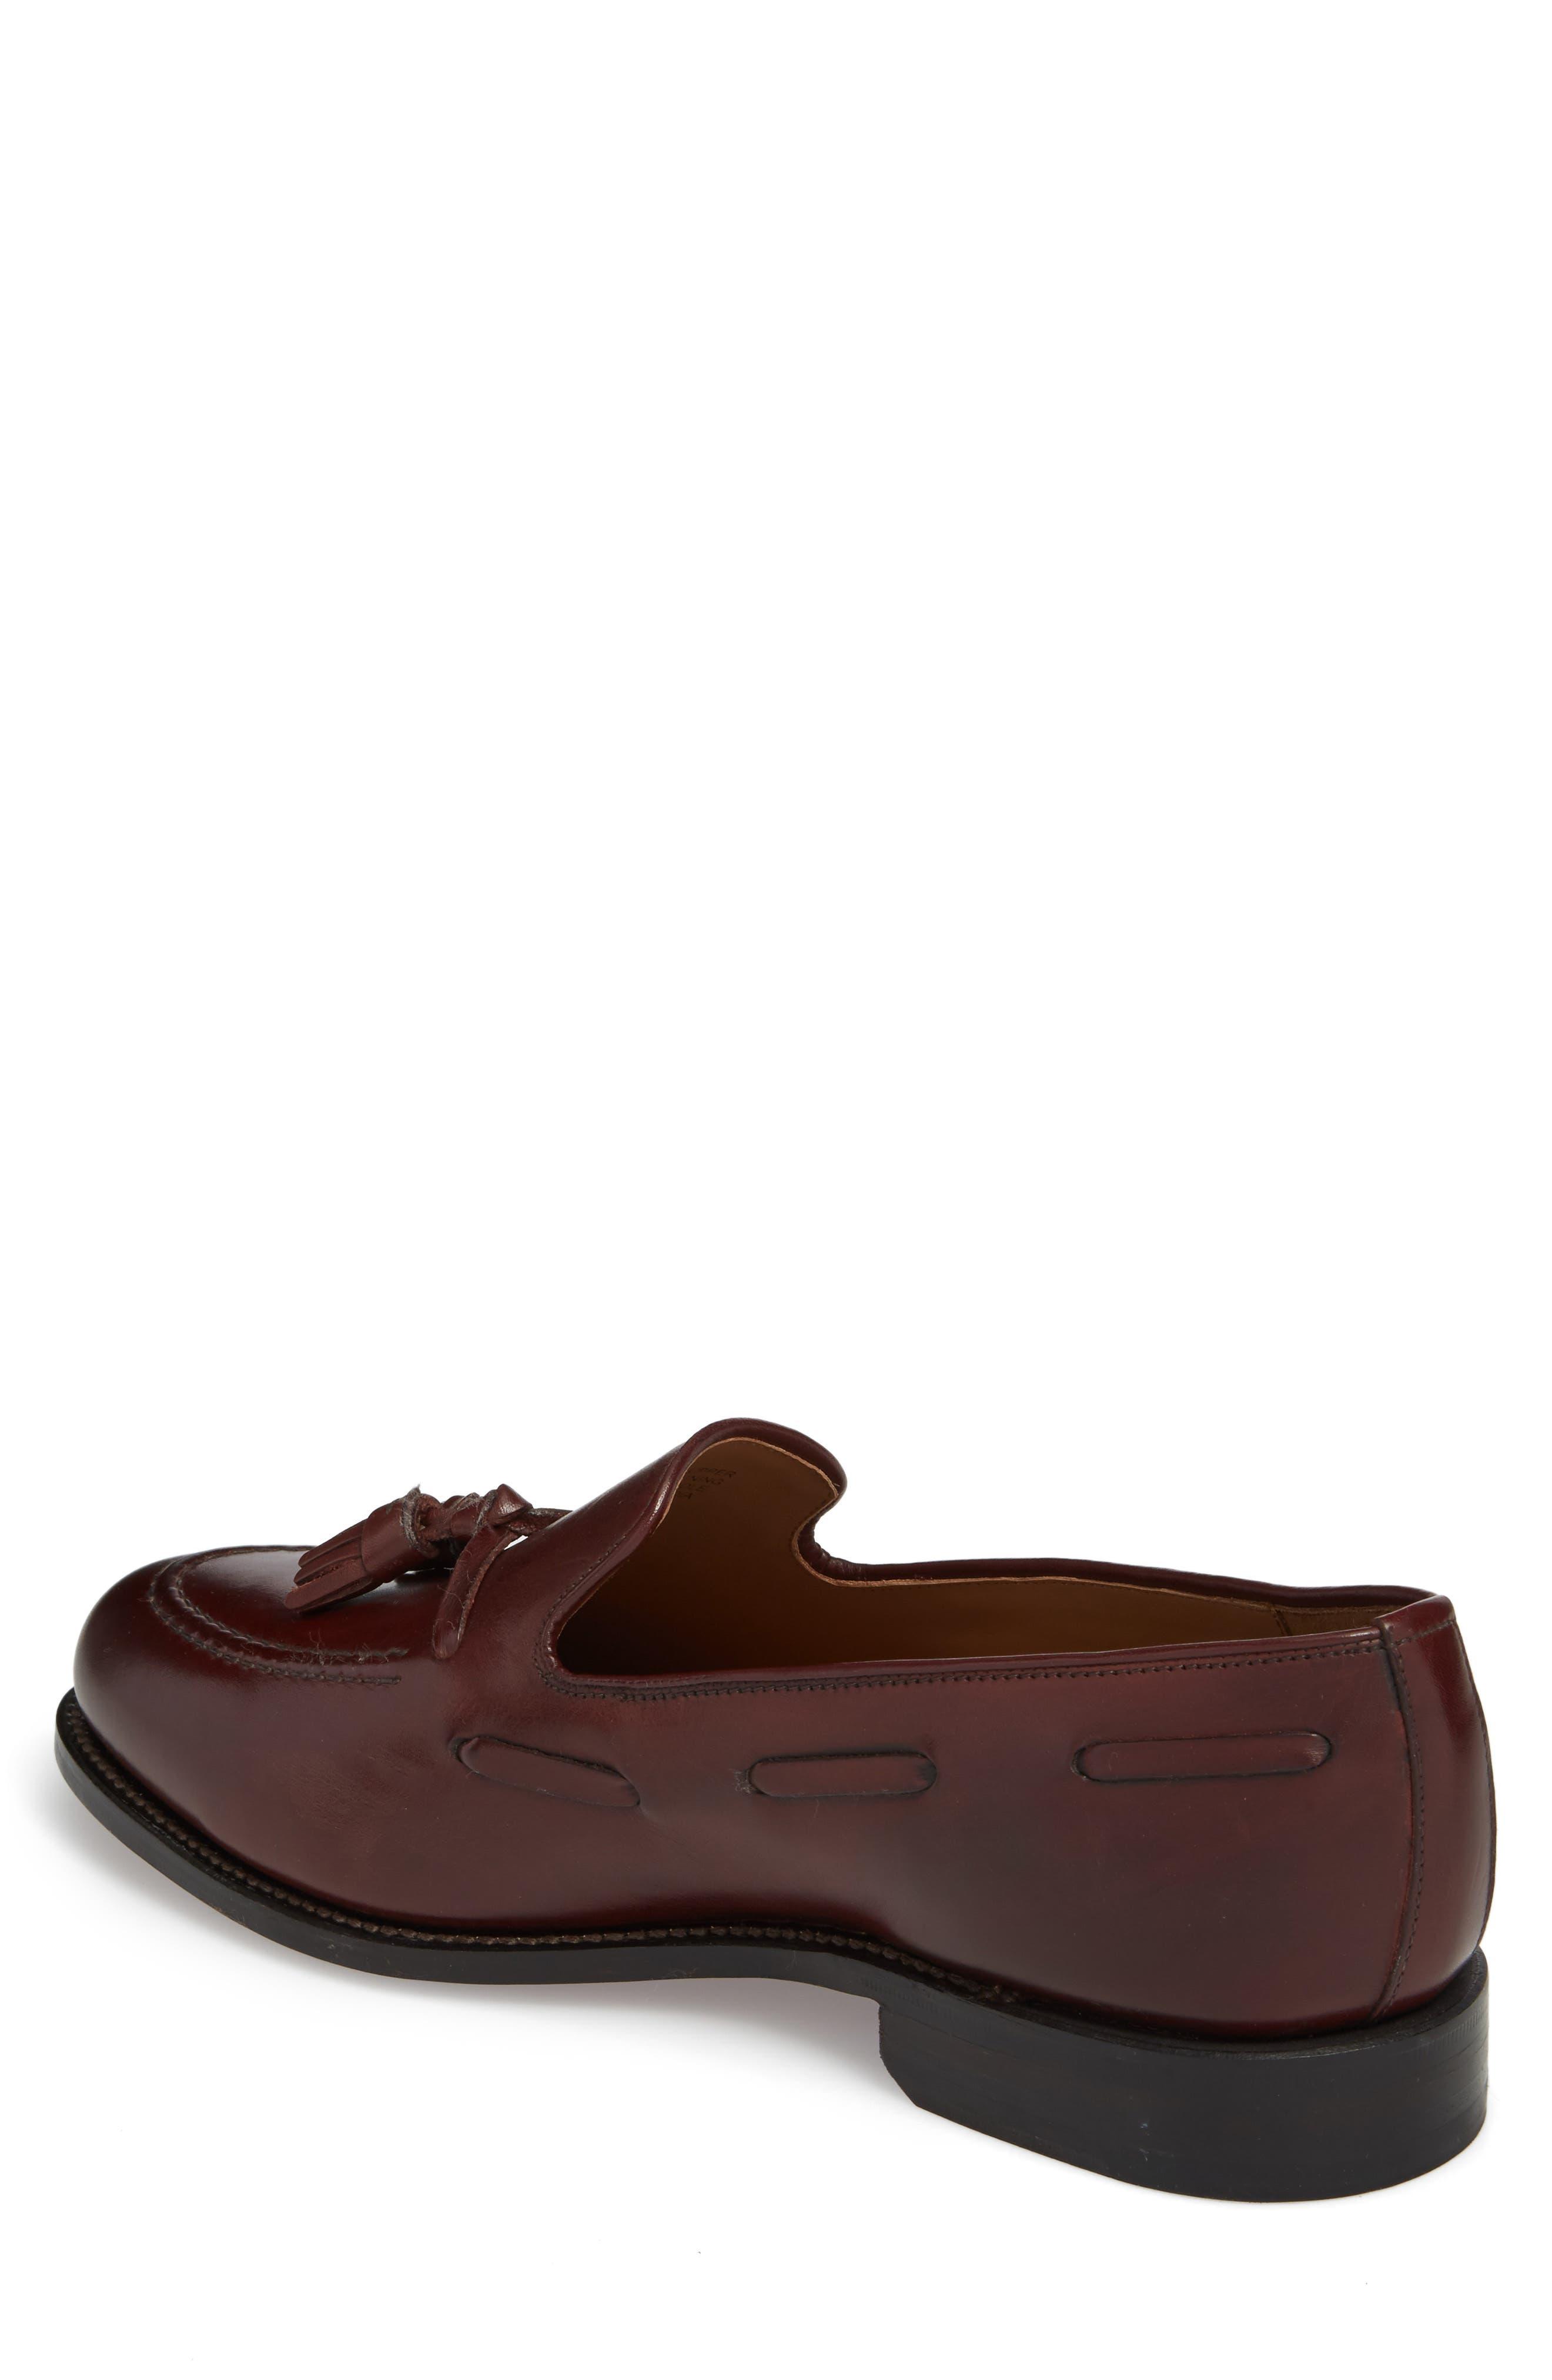 Berkeley Tassel Loafer,                             Alternate thumbnail 2, color,                             Burgundy